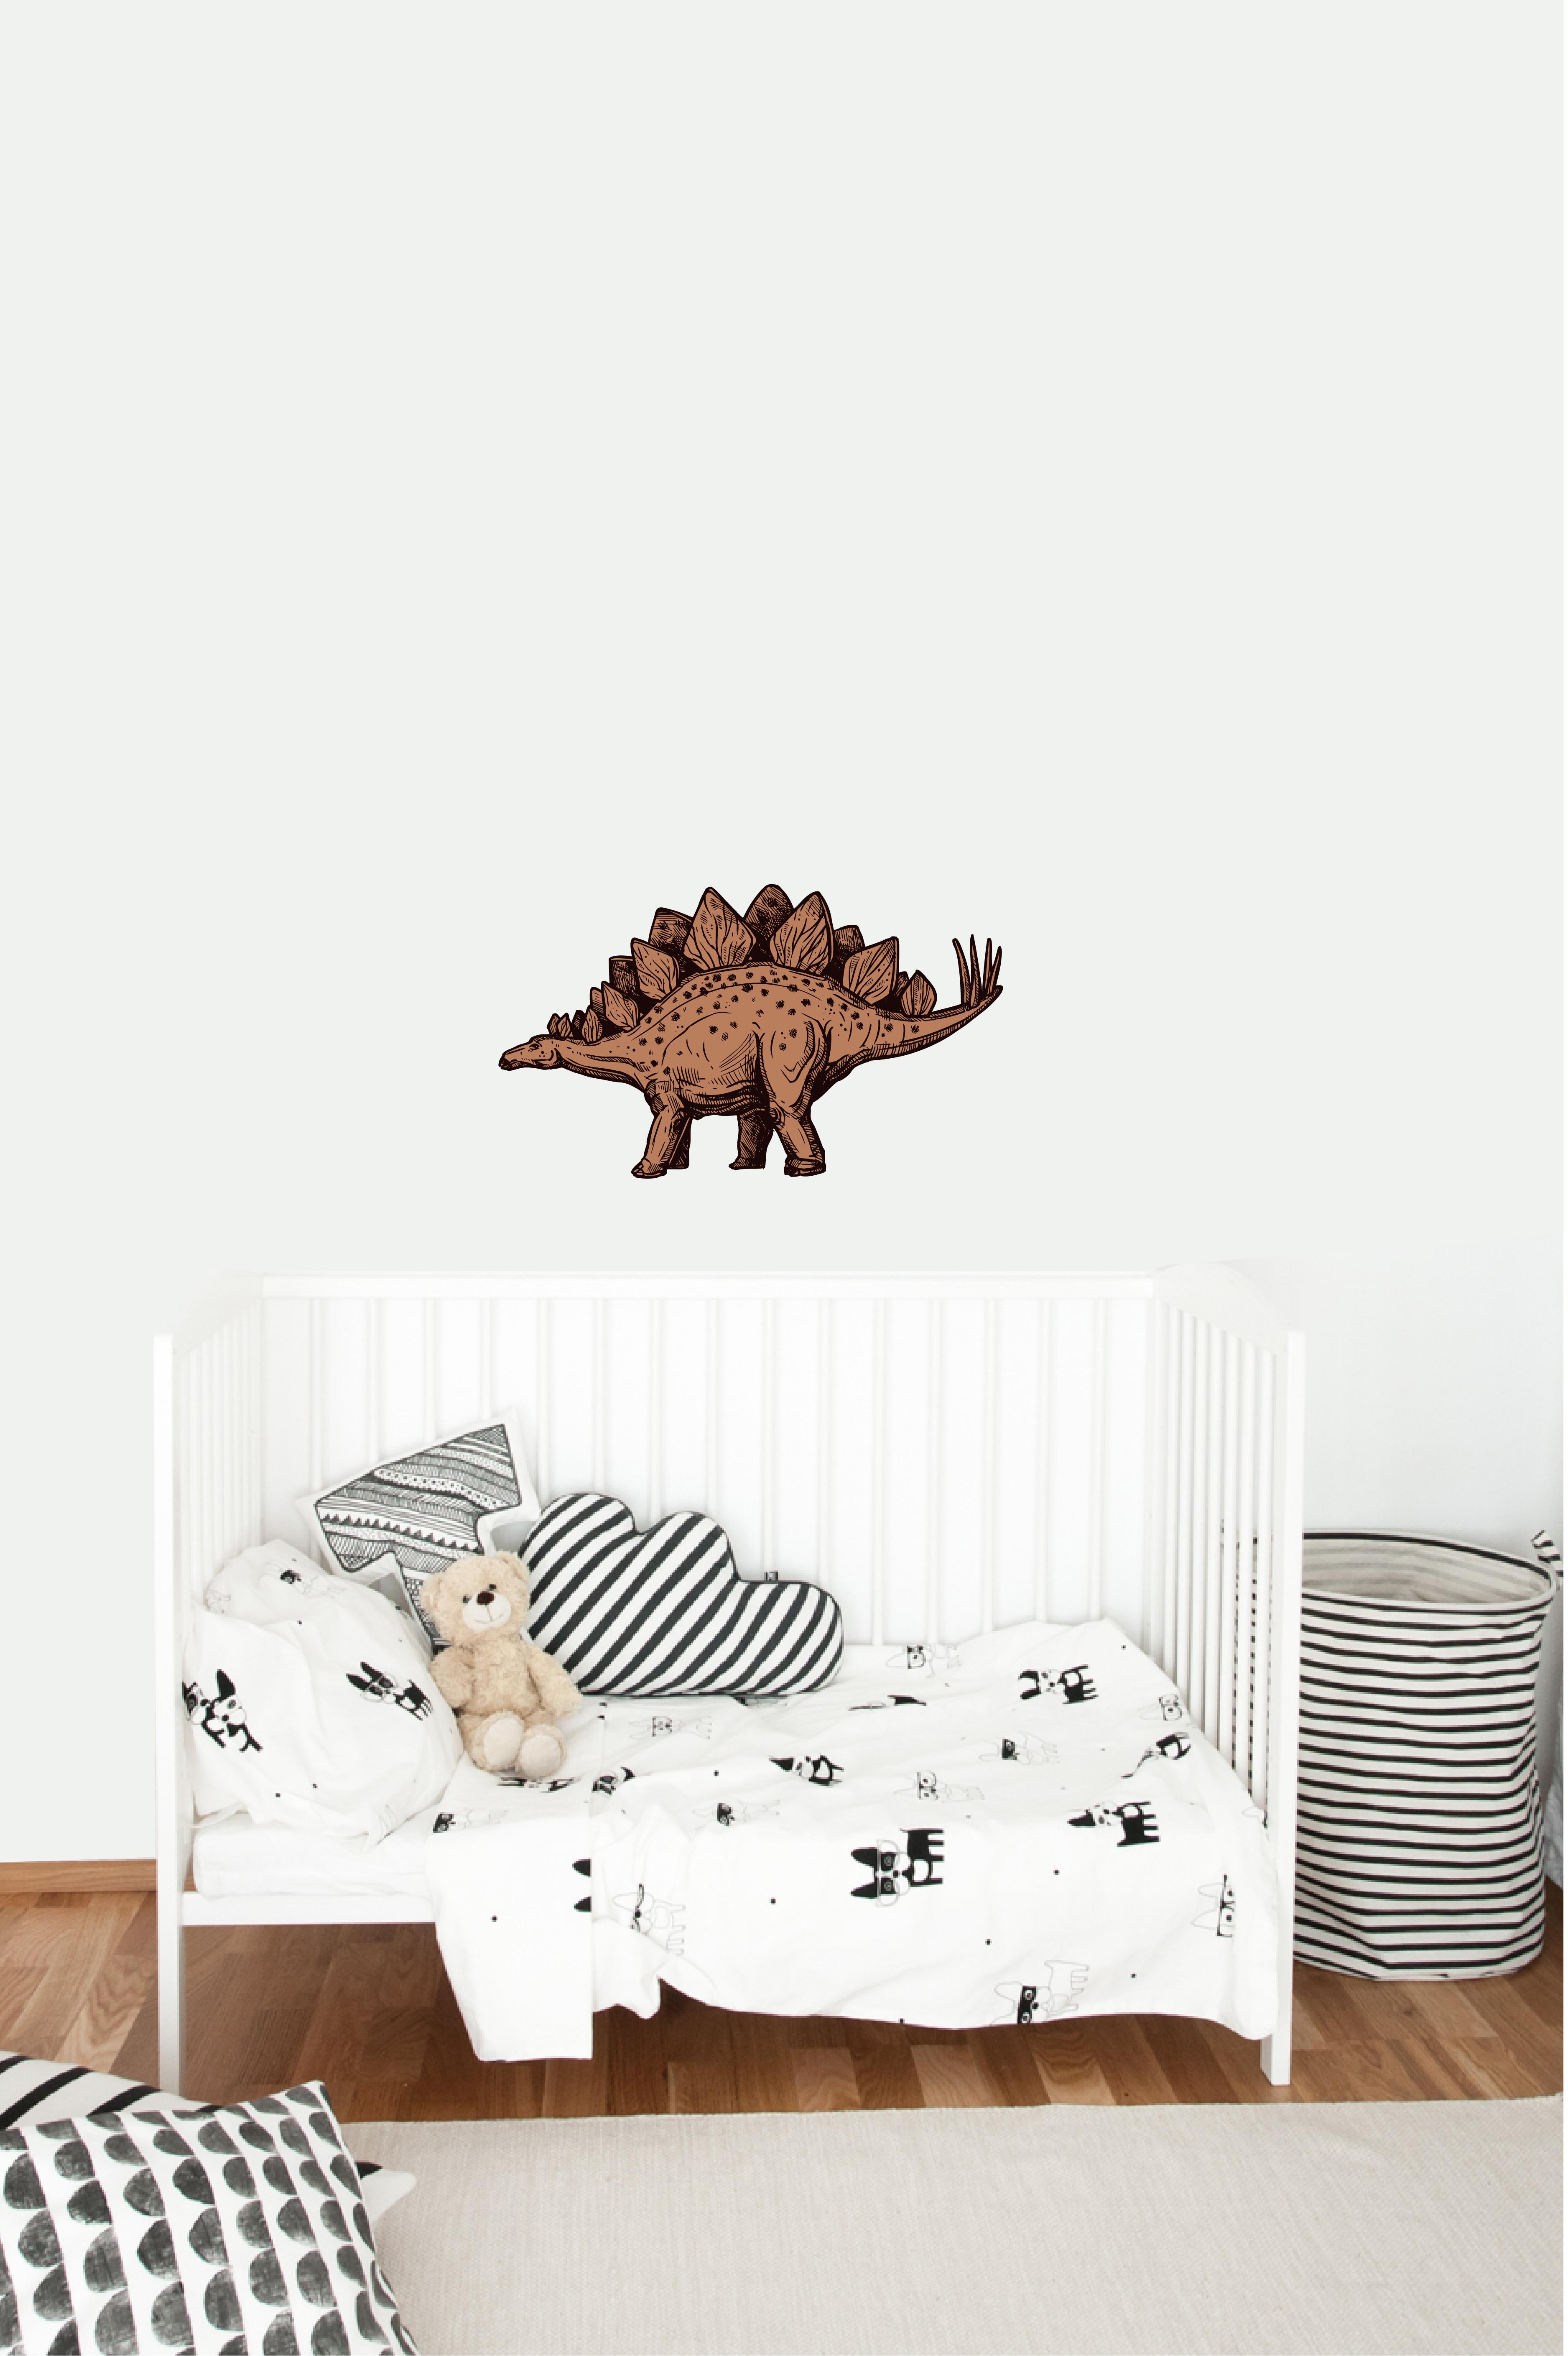 Muursticker stegosaurus